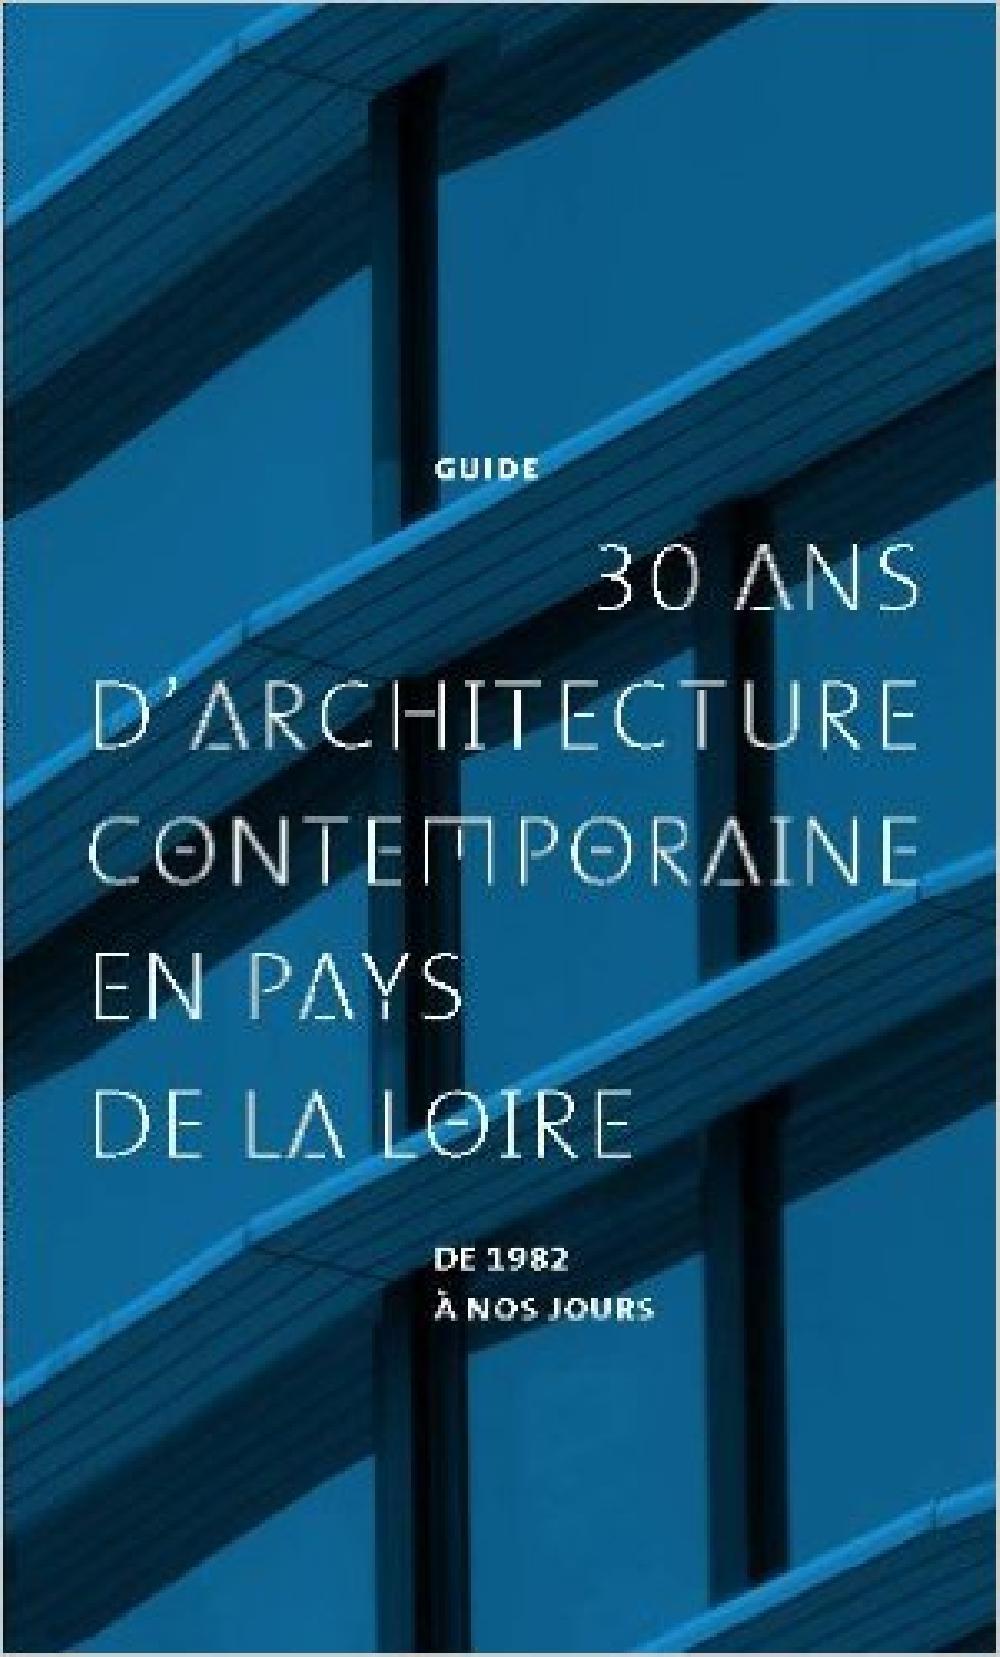 30 ans d'architecture contemporaine en pays de Loire